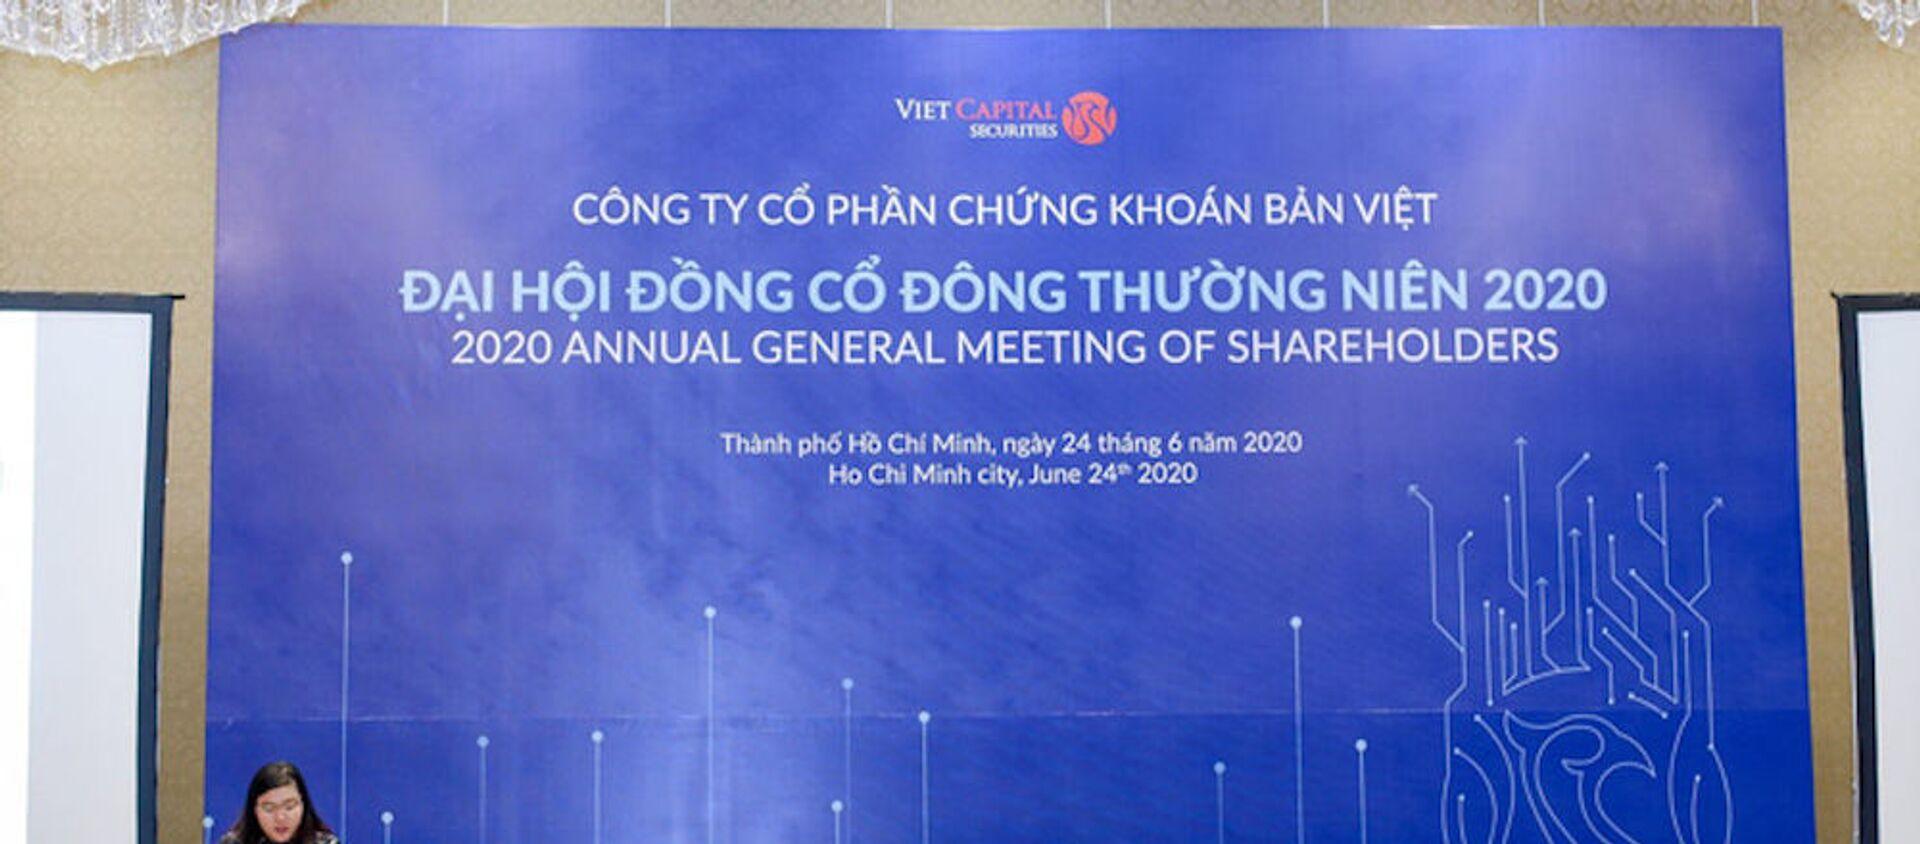 Đại hội đồng cổ đông thường niên 2020 - Sputnik Việt Nam, 1920, 26.06.2020